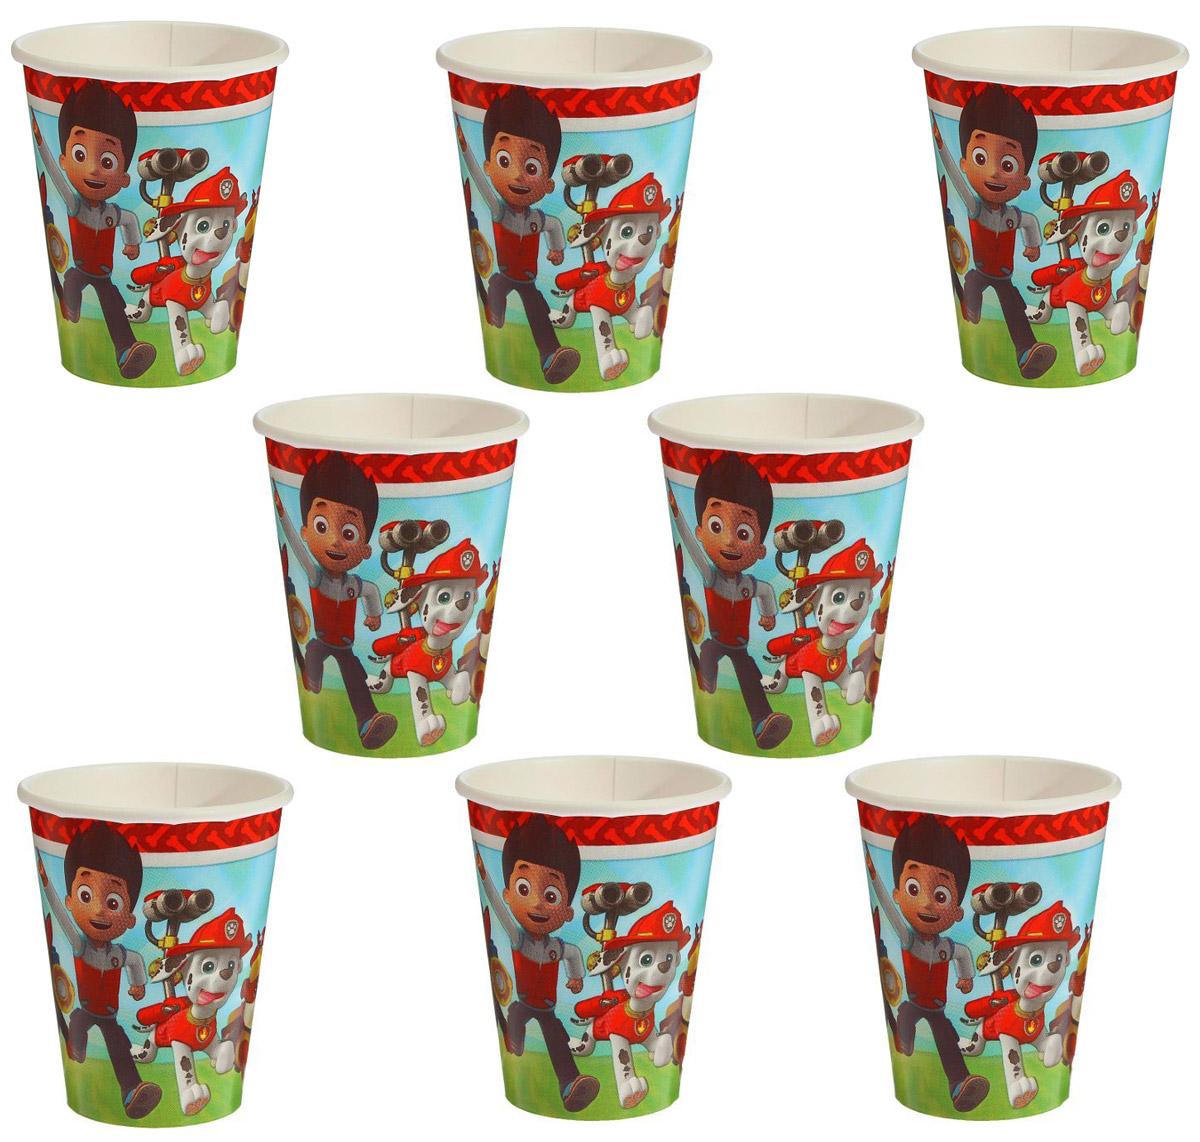 """Удобные и практичные одноразовые стаканы """"Amscan"""" созданы специально для детского праздника: они ярко украсят стол и привлекут внимание всех участников торжества. Бумажные стаканы прекрасно удерживают напитки, почти невесомы, не могут разбиться, их не надо мыть.В наборе восемь бумажных стаканов объемом 270 мл."""